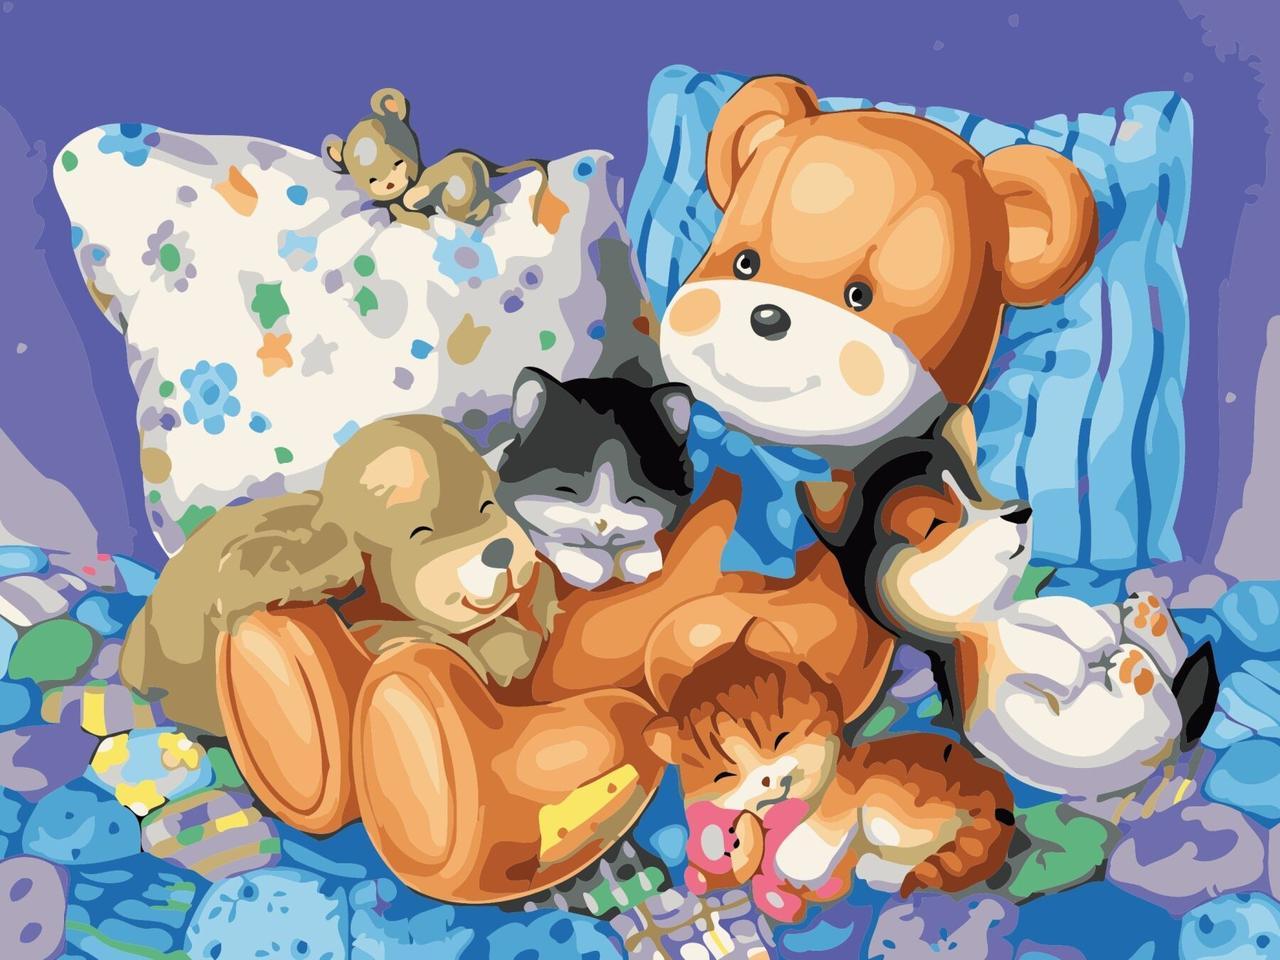 AS0619 Картина-набор по номерам Сладкий сон, Без коробки